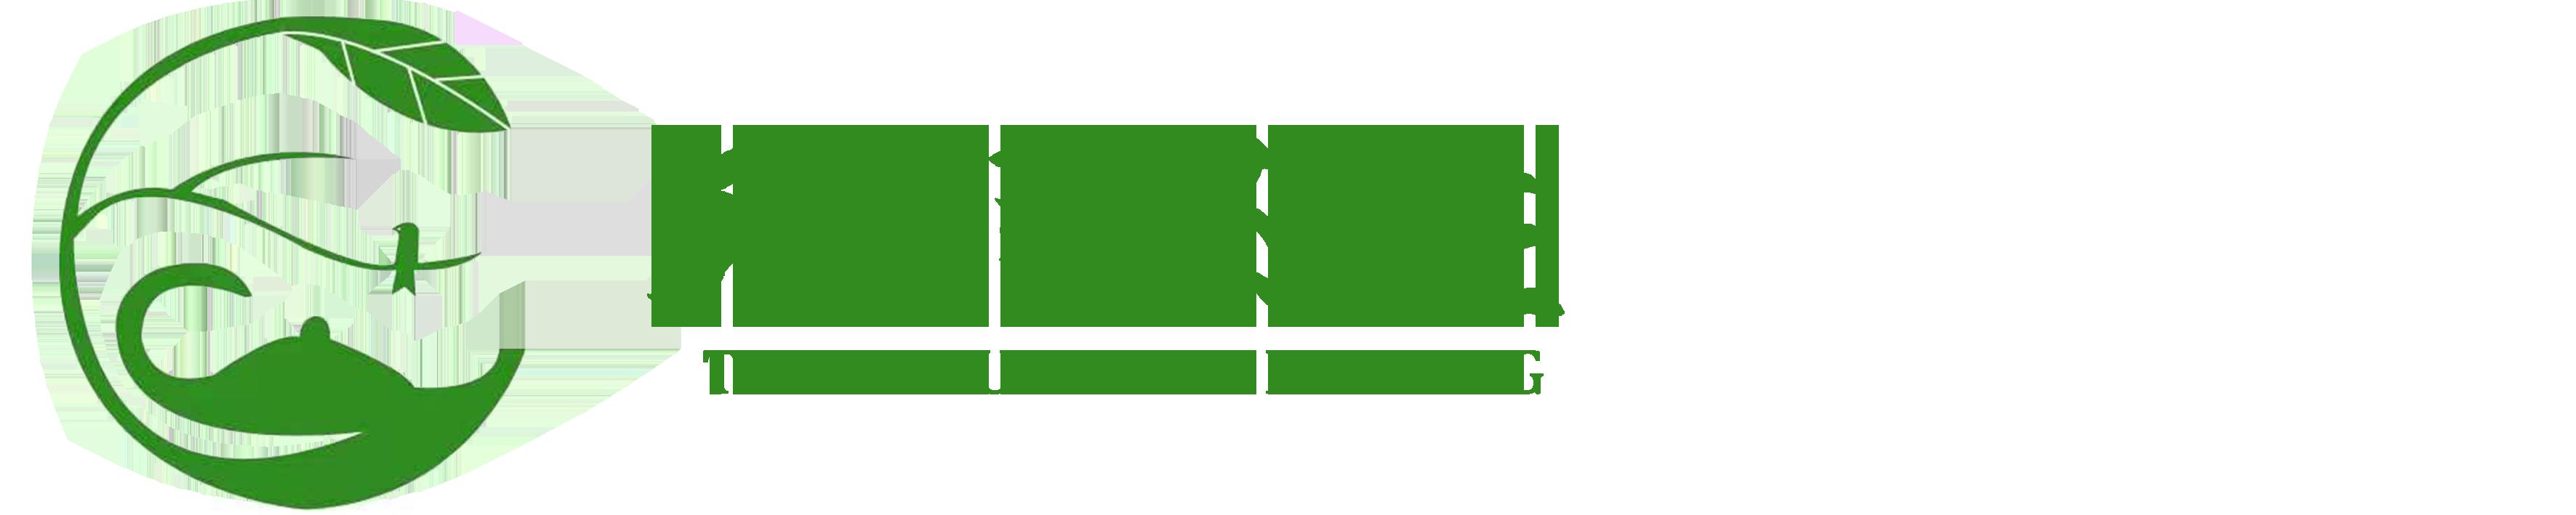 汕头天羽茶庄